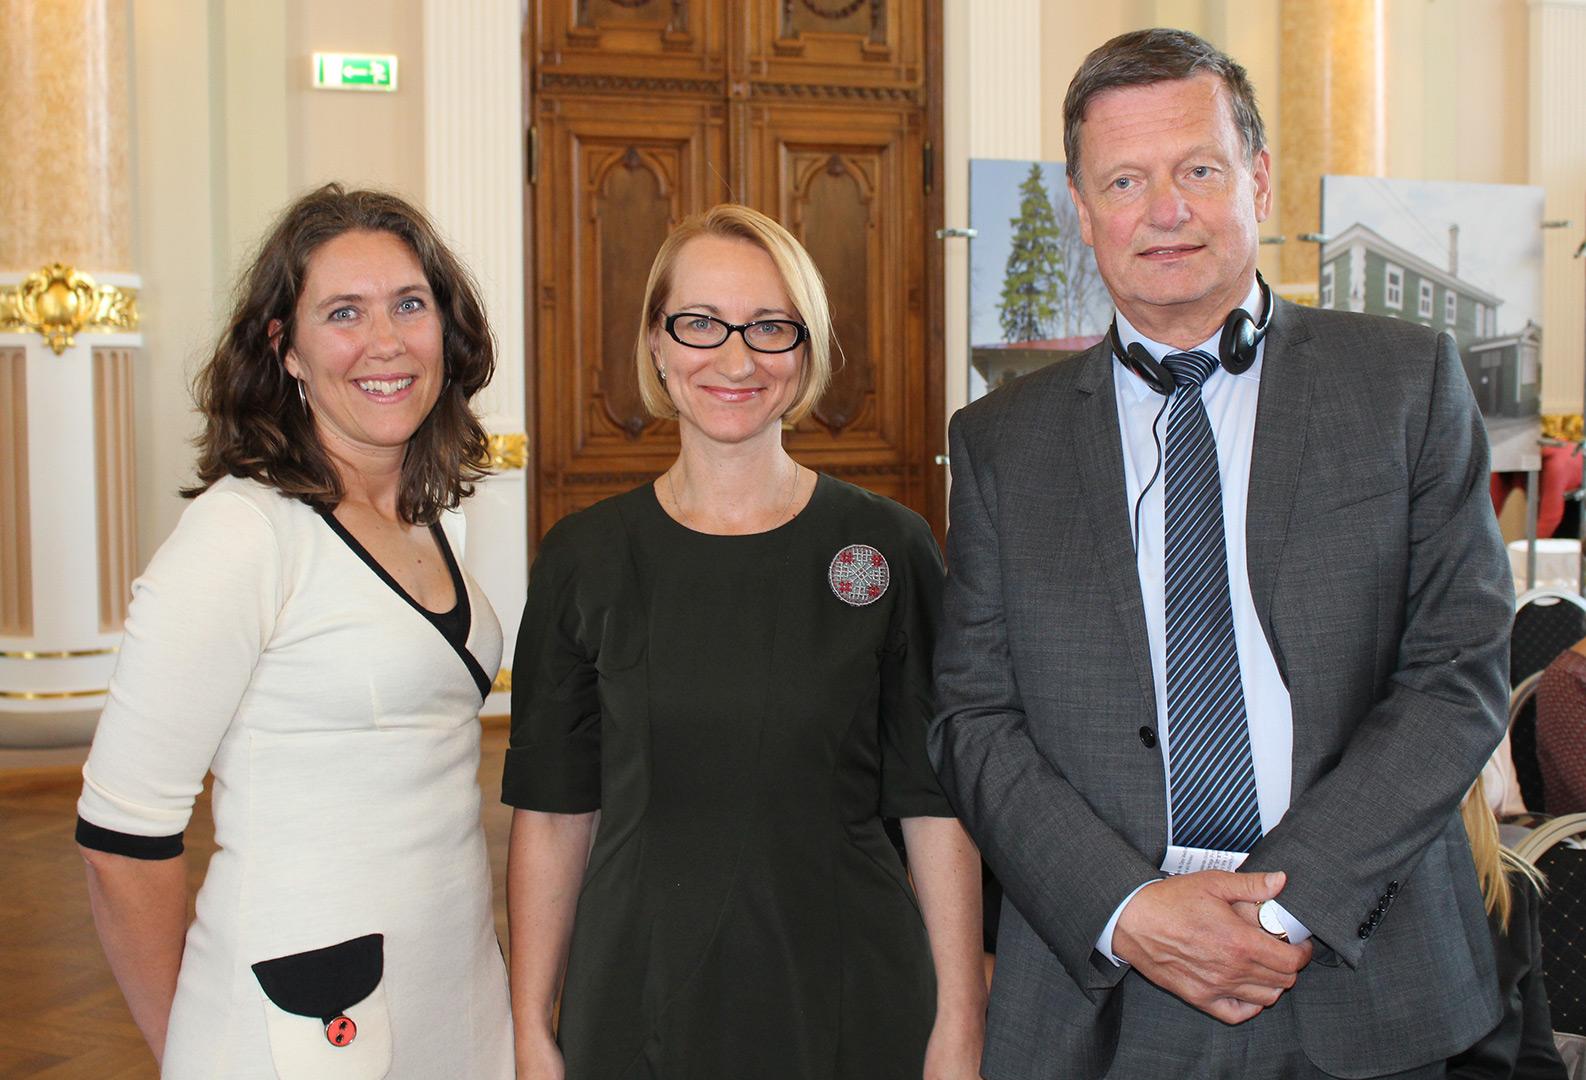 Bilde av den latviske kulturministeren (i midten), den norske ambassadøren til Latvia (t.h) og Riksantikvarens representant (t.v) skrøt av de svært gode resultatene på avslutningen for det latviske kulturarvsprogrammet på Nasjonalmuseet i Riga. Foto: Anja Heie, Riksantikvaren